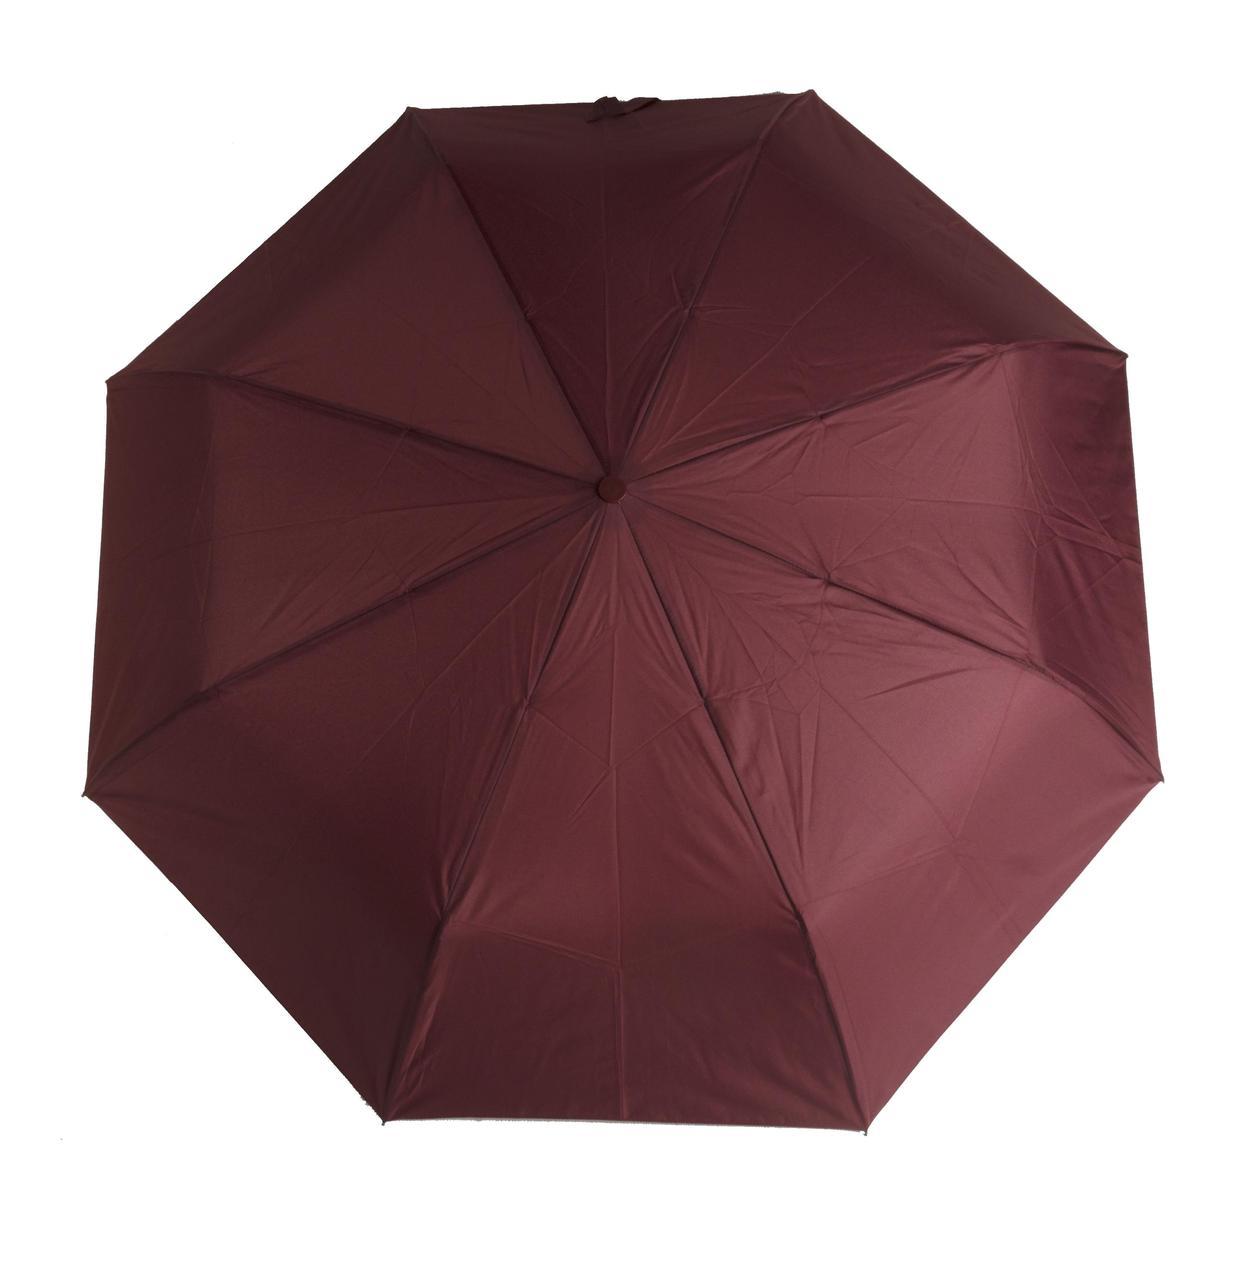 Женский симпатичный однотонный прочный зонтик автомат SUSINO art. 53002 бордовый (102898)